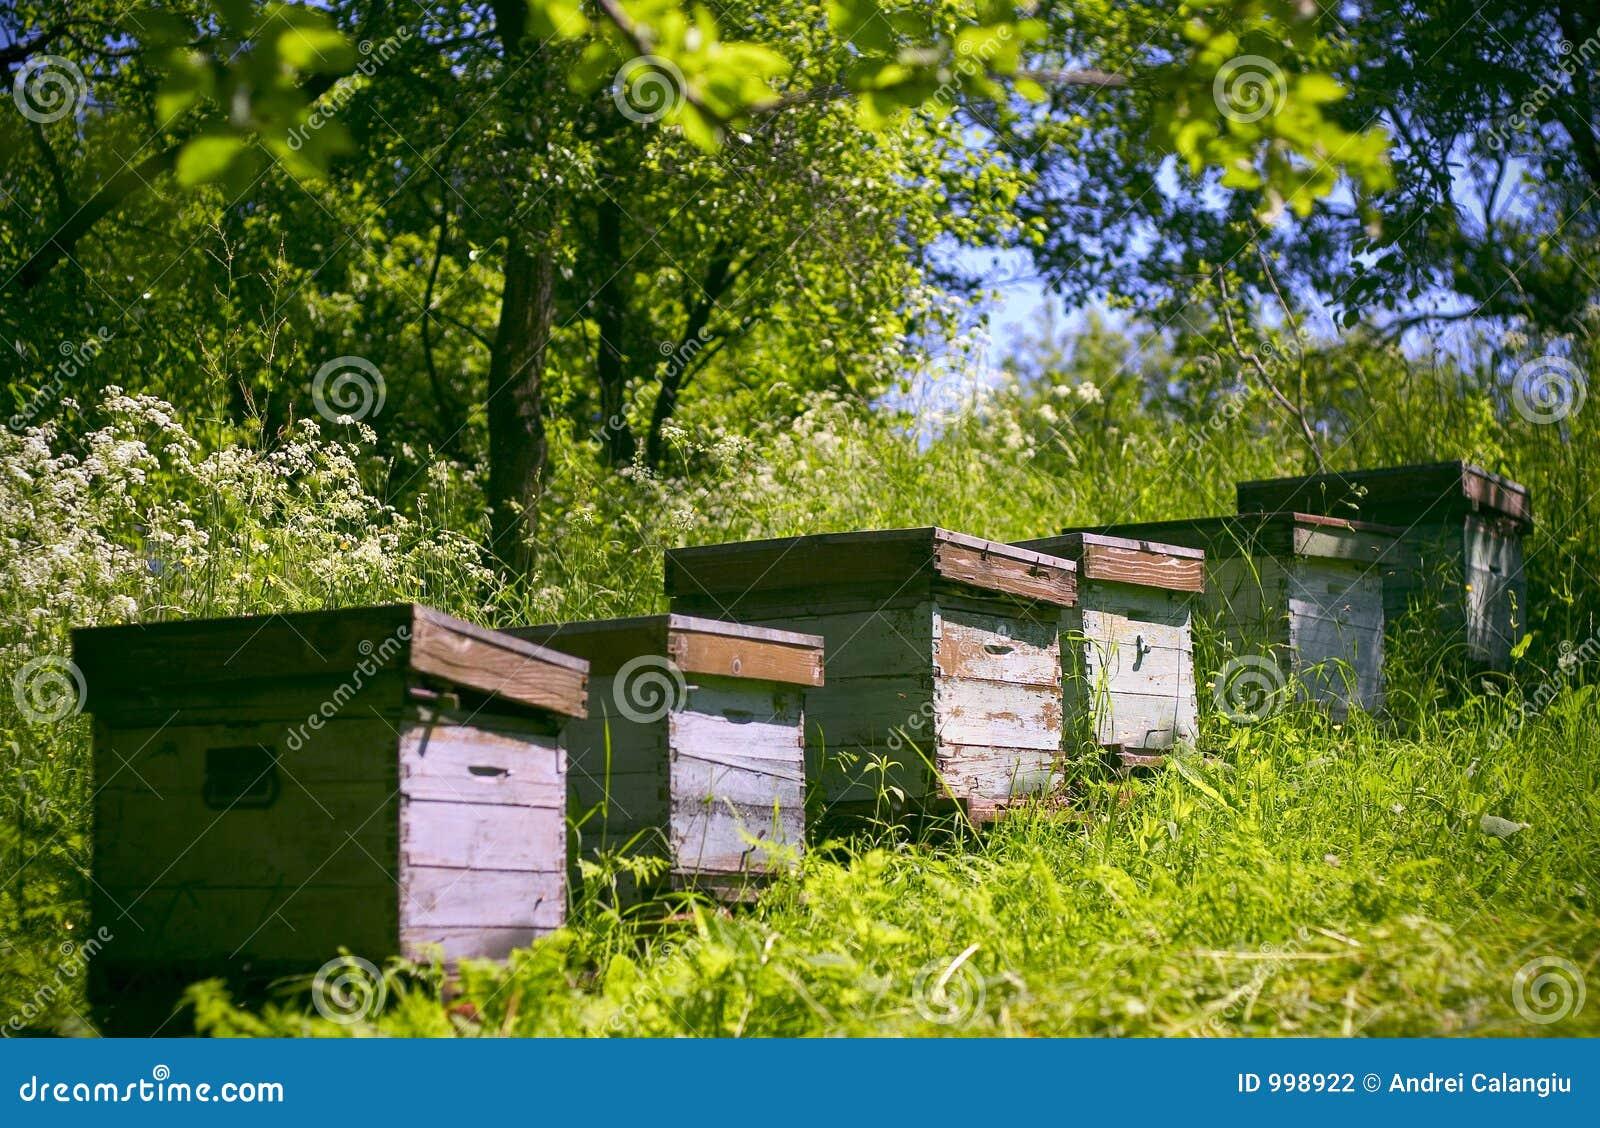 Arbeta i trädgården bikupar